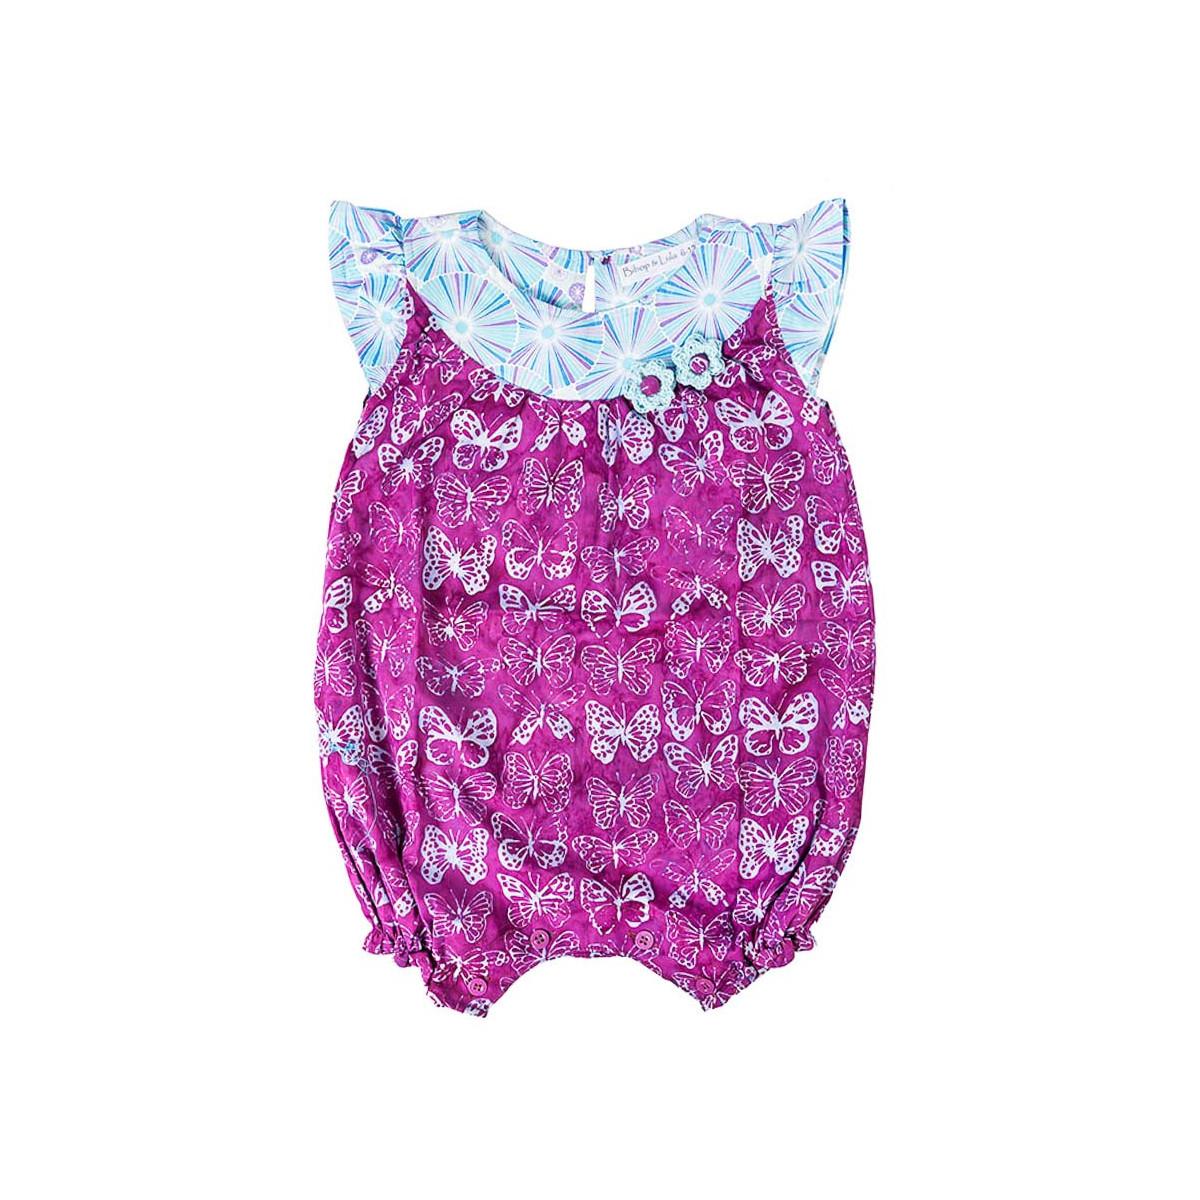 Barboteuse coton bébé fille 0-18 mois violette avec papillons